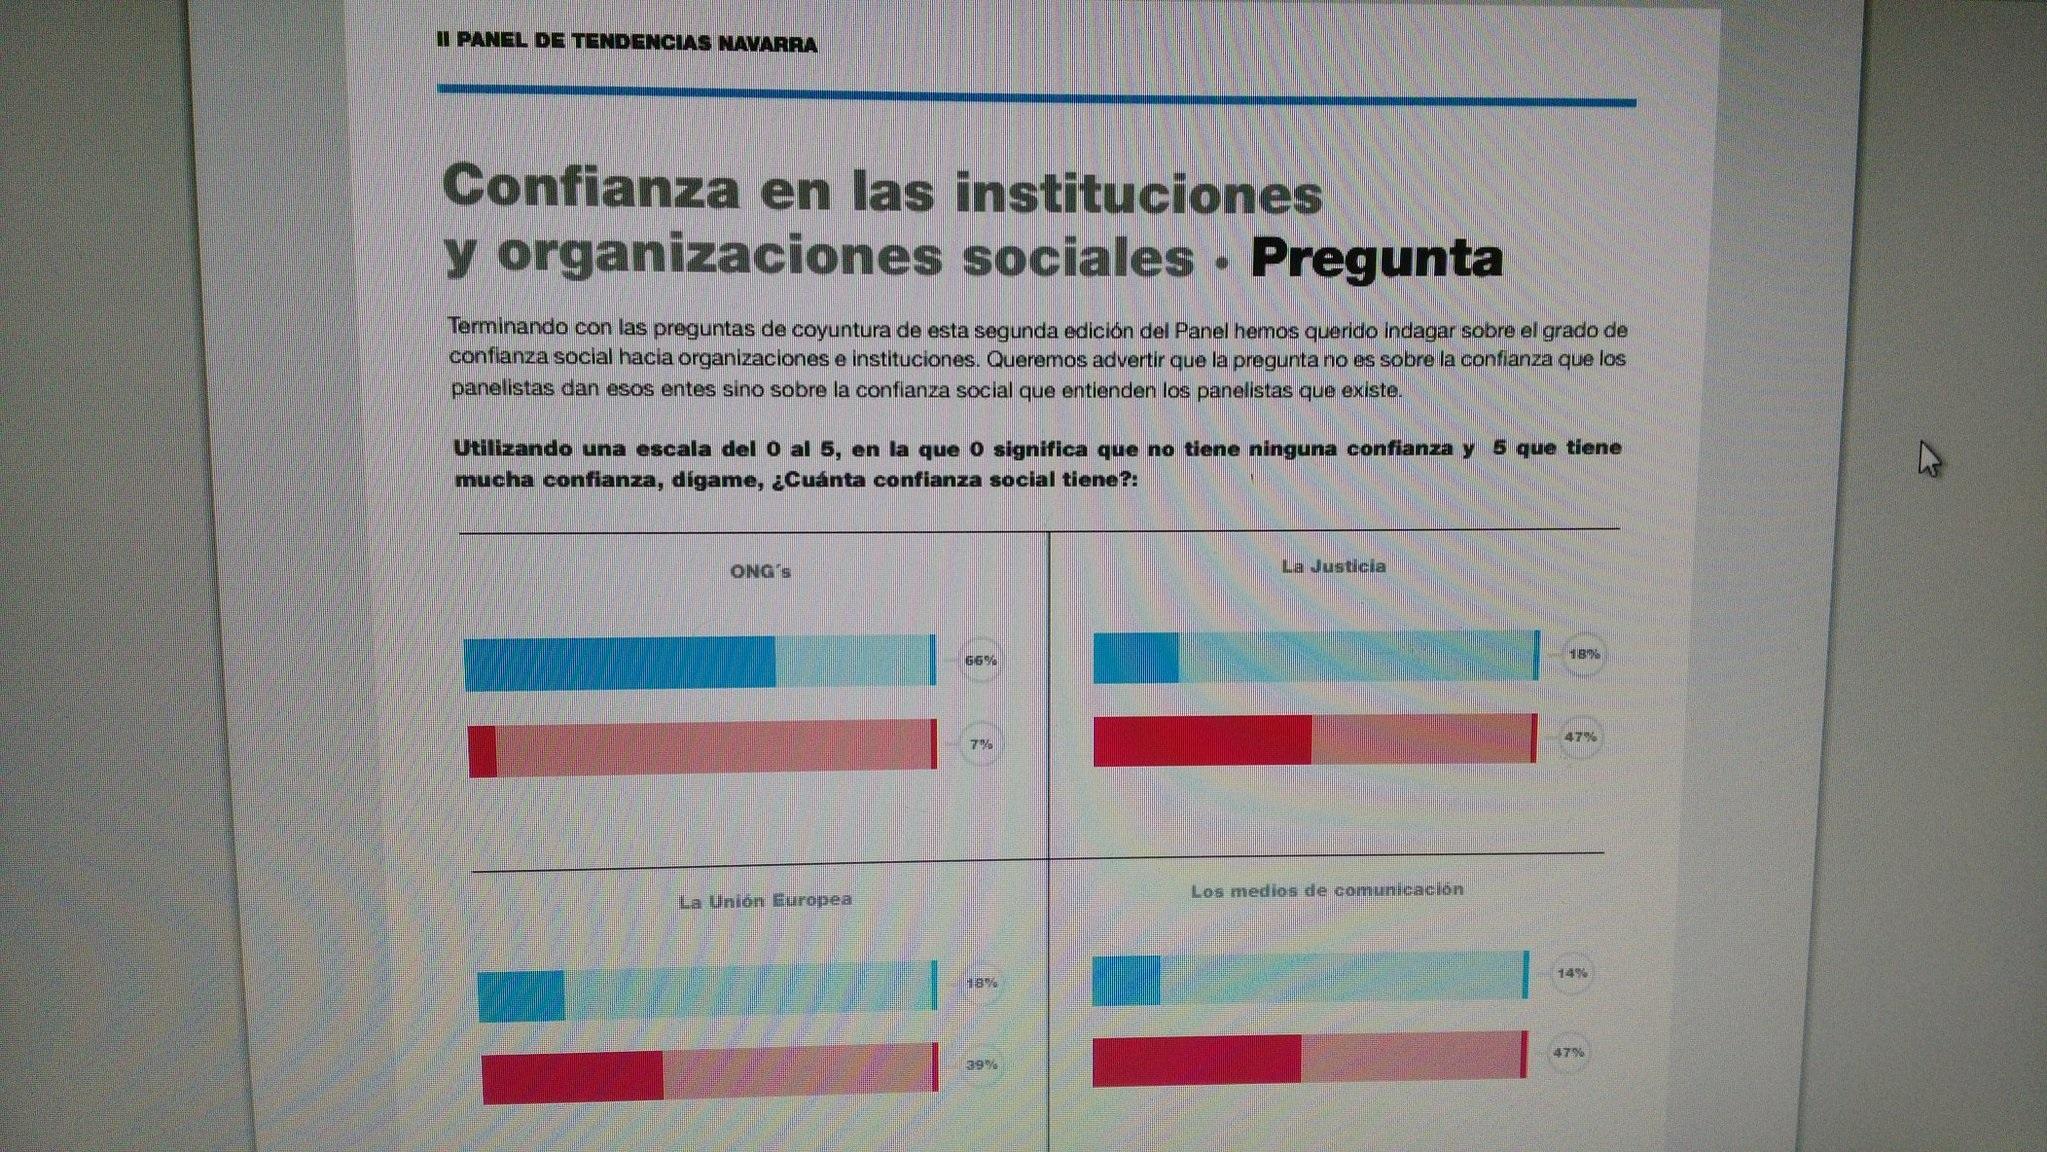 Las ONG, las mejor valoradas en el II Panel de Tendencias Navarra.